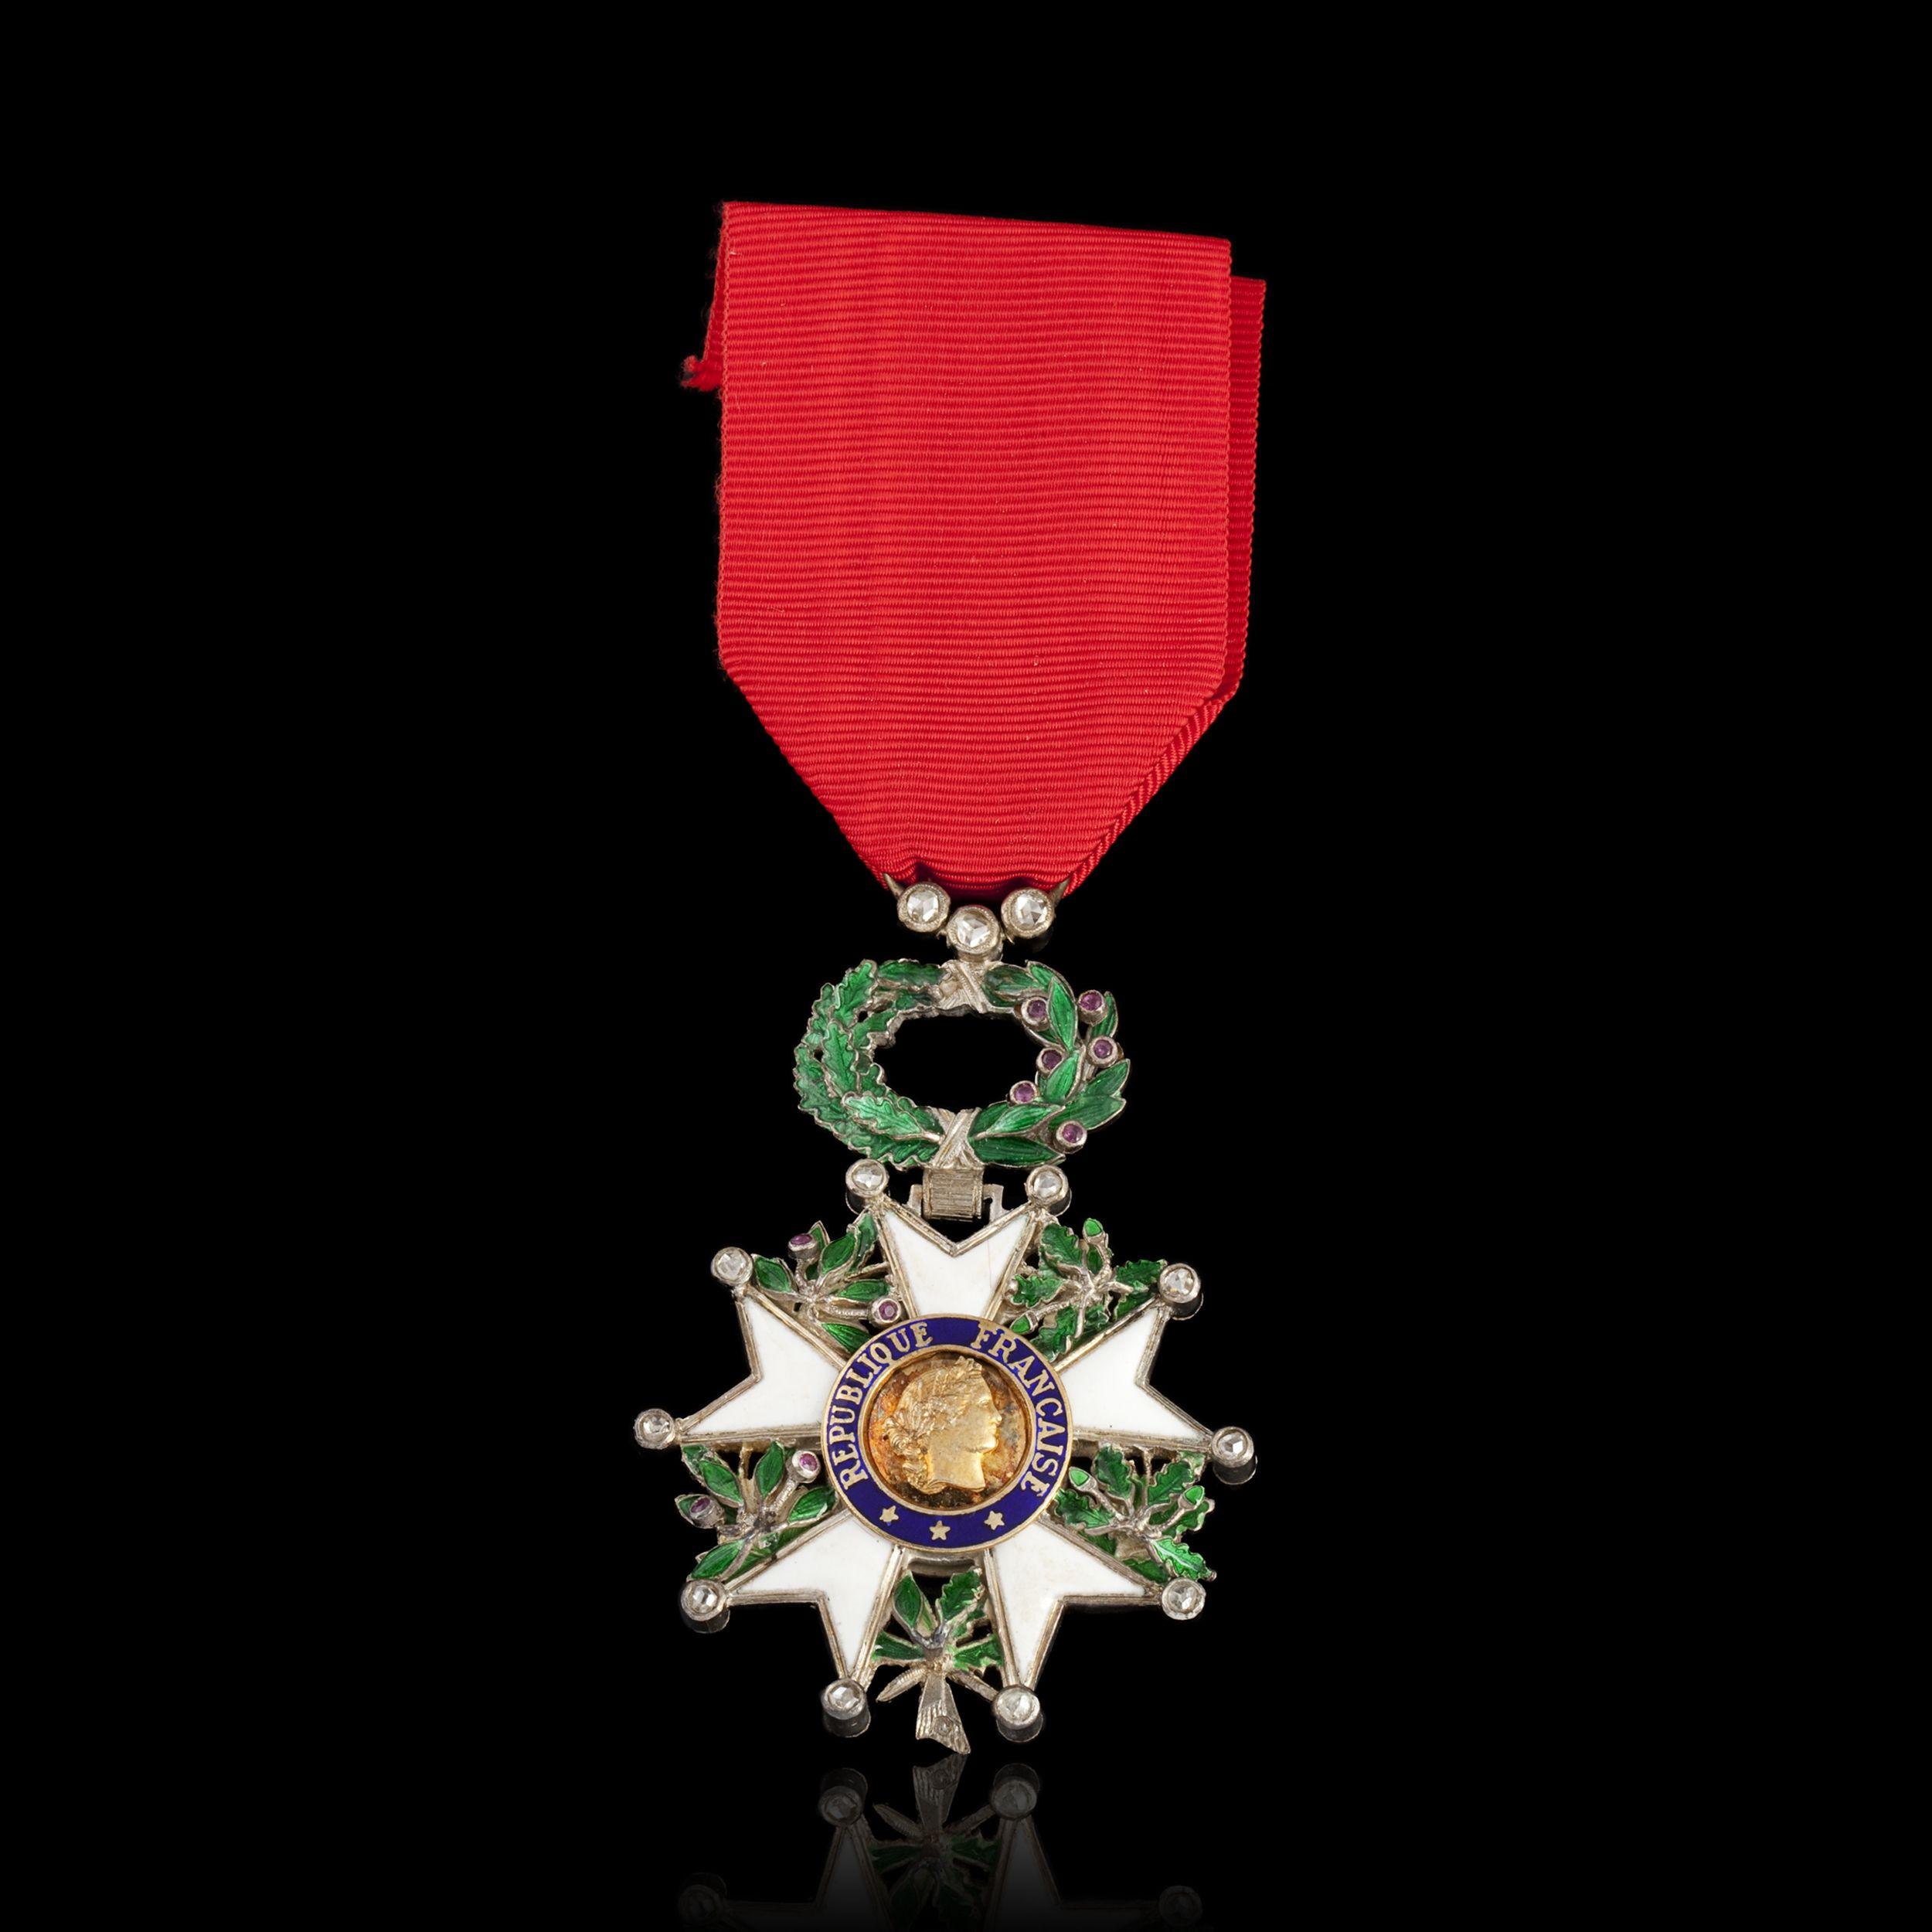 Ralph Gibson, Chevalier de la Légion d'Honneur